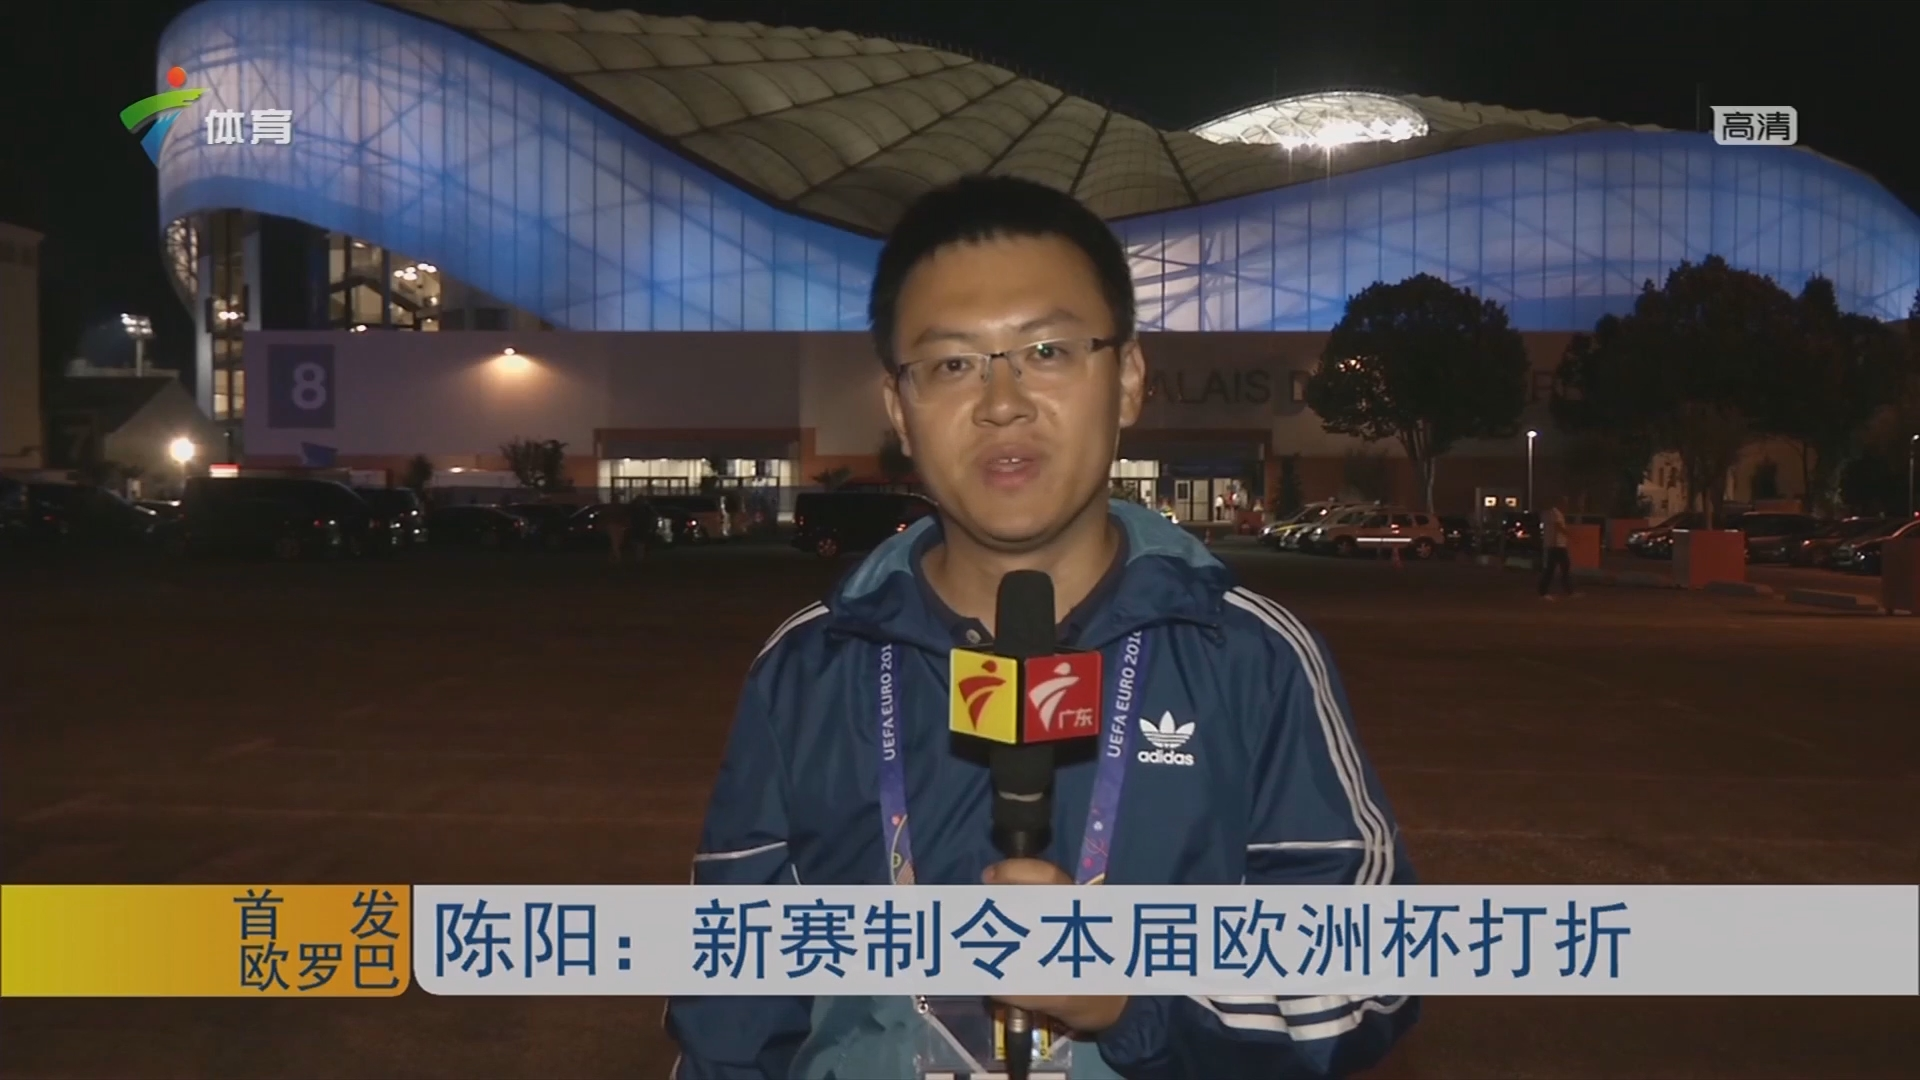 陈阳:新赛制令本届欧洲杯打折